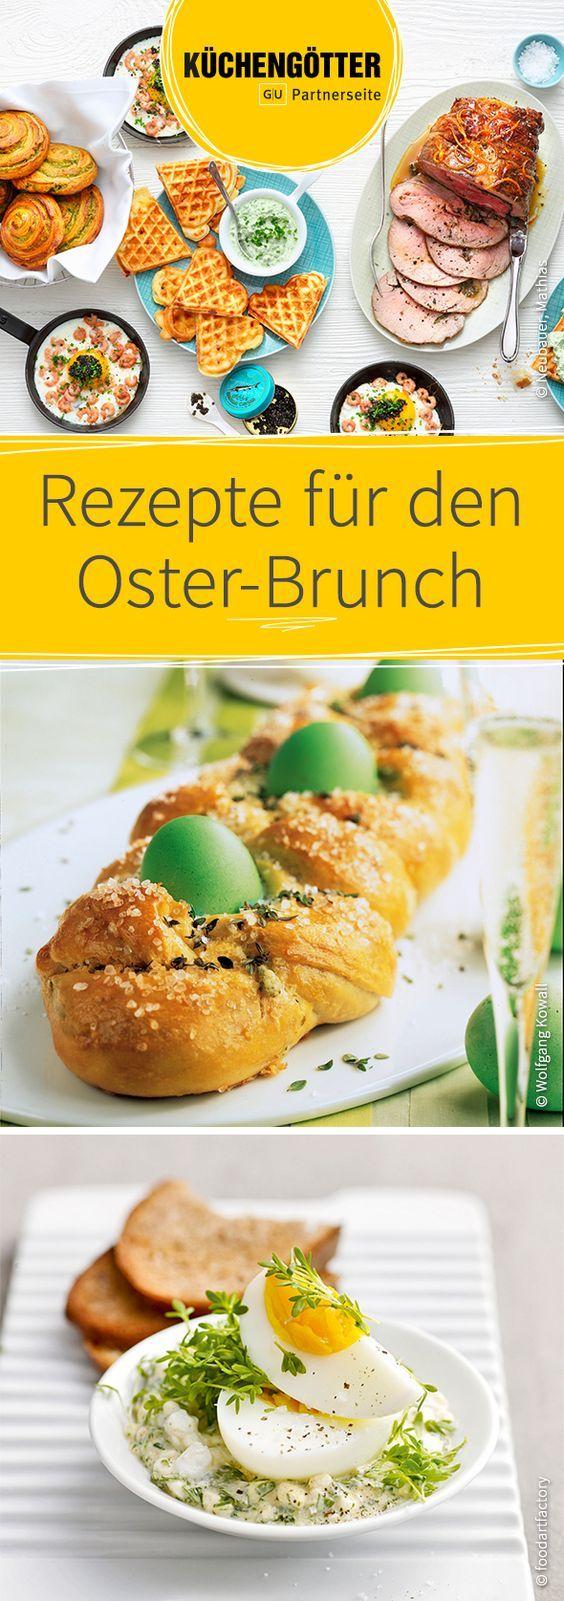 Wir verraten euch unsere besten Rezepte für den Osterbrunch.